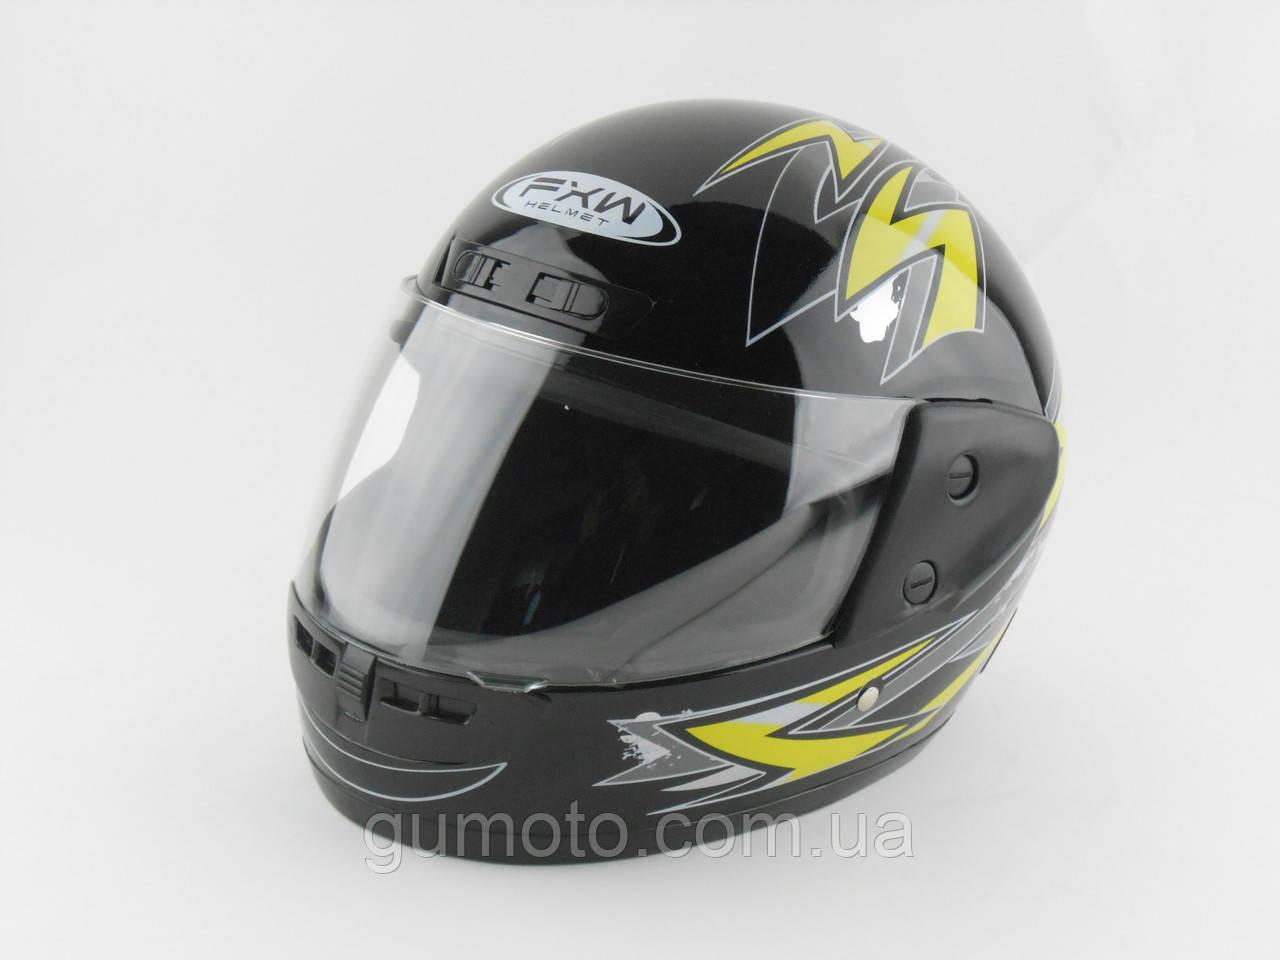 Шлемы для мотоциклов Hel-Met 101 черный жёлтый рисунок